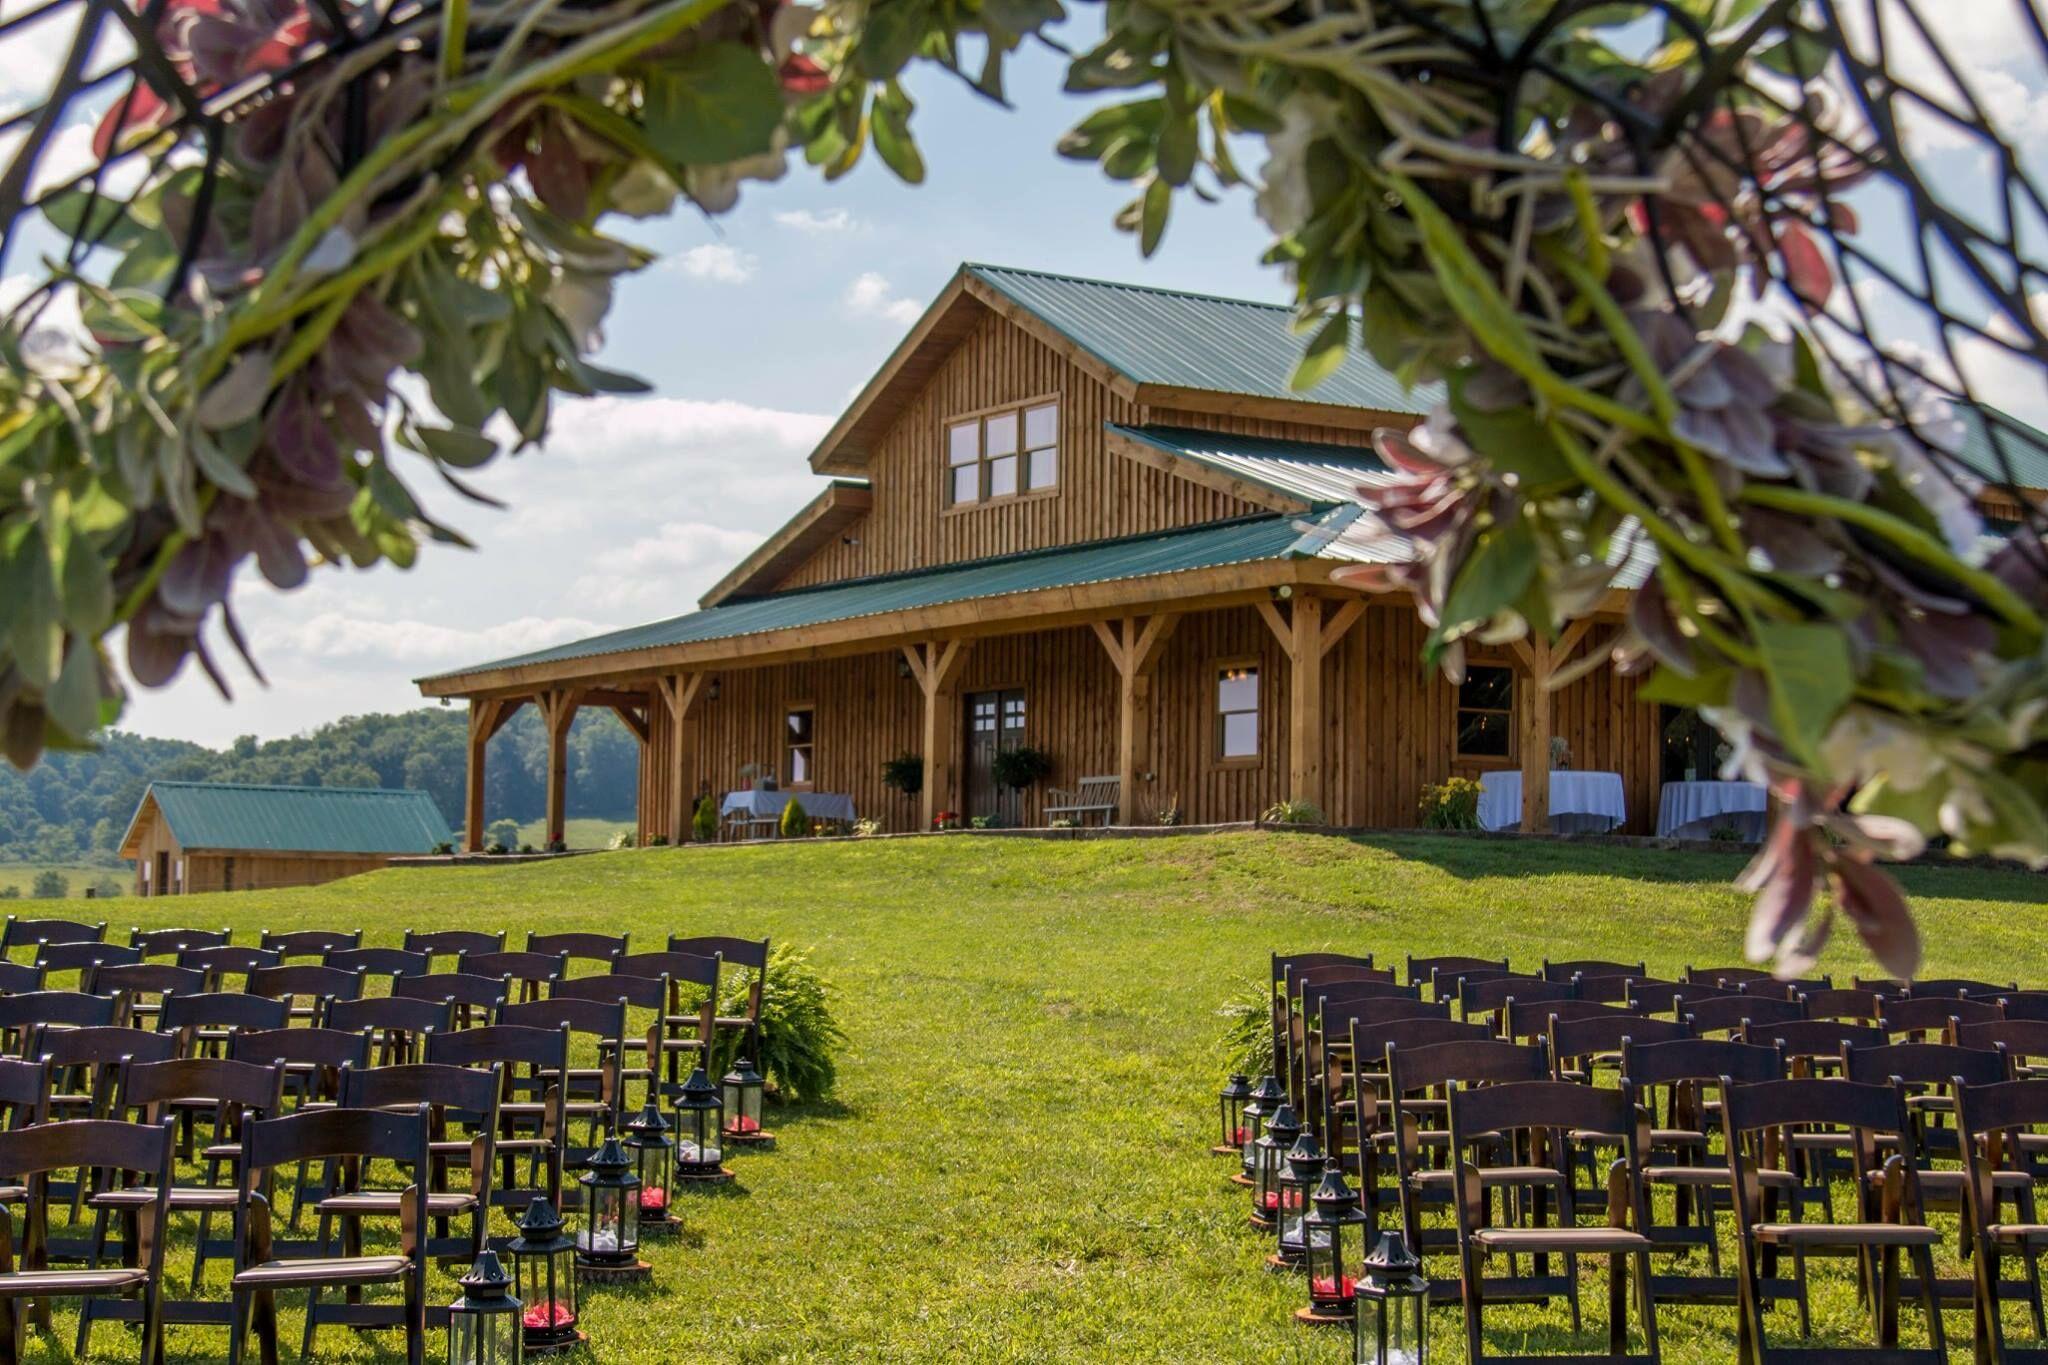 caabcc15 9132 4763 abb0 c0de50bbac35 - barn wedding guest dresses